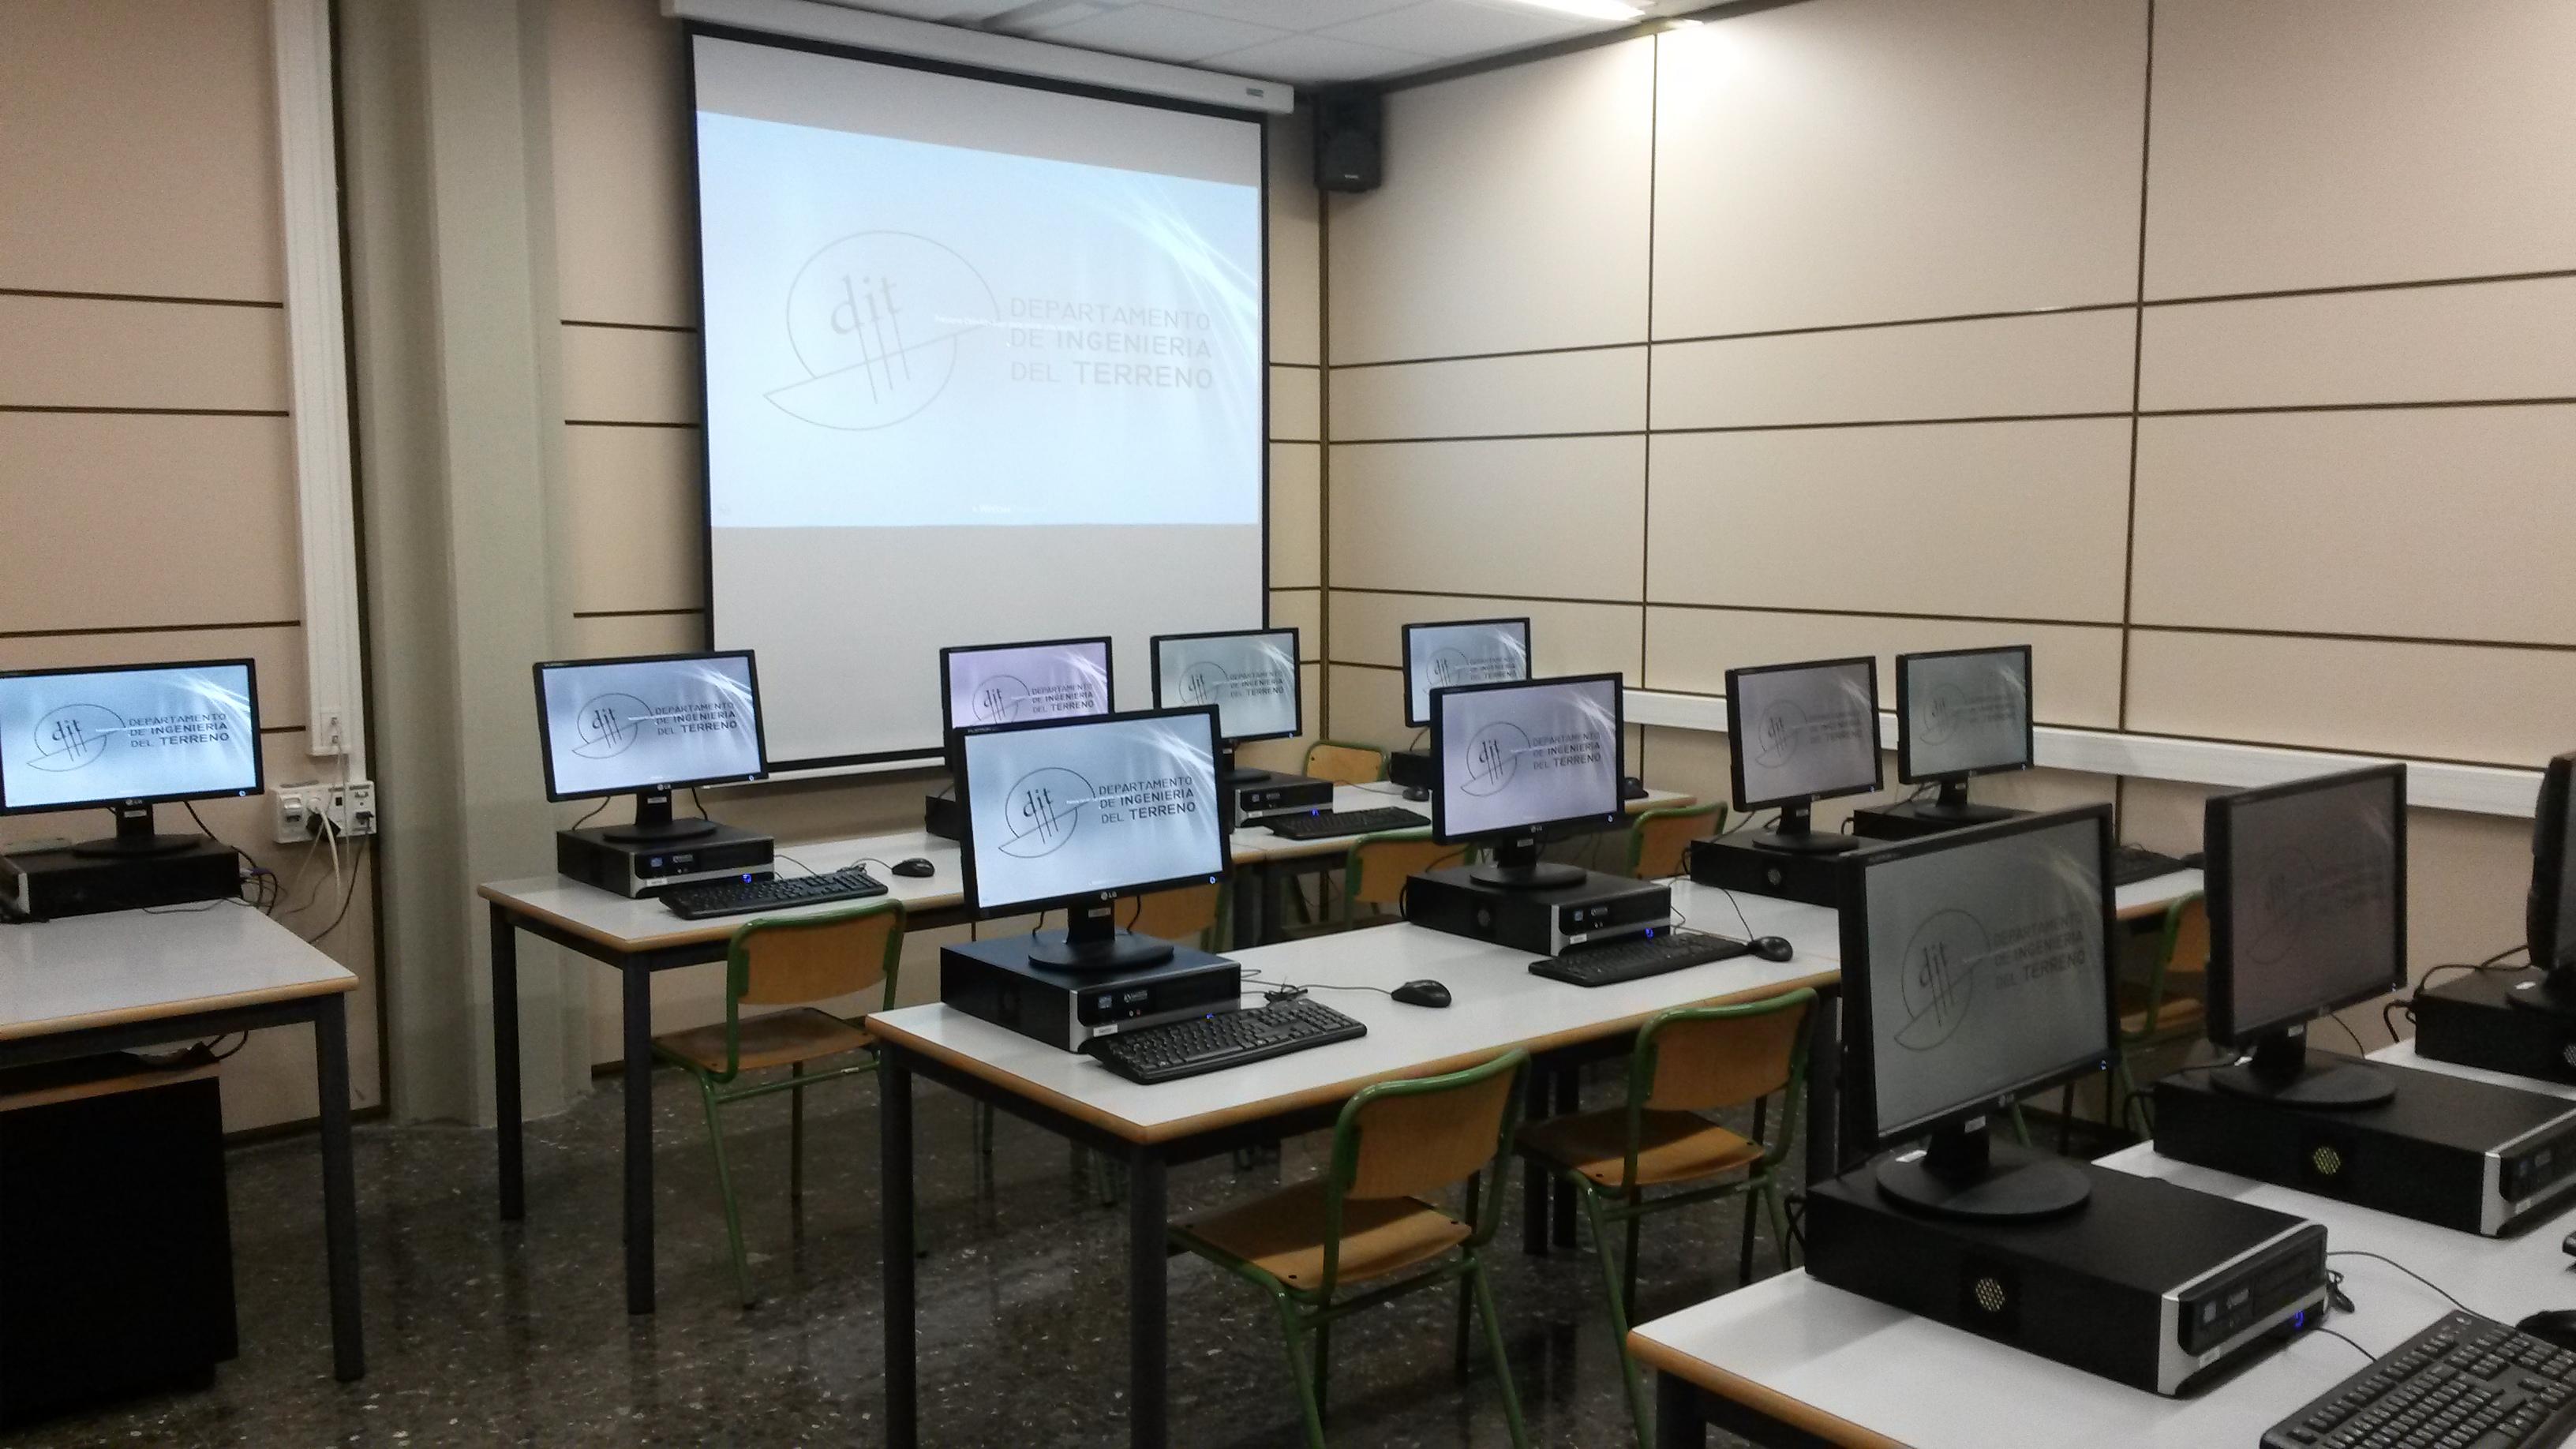 mantenimiento informático para aulas de formación